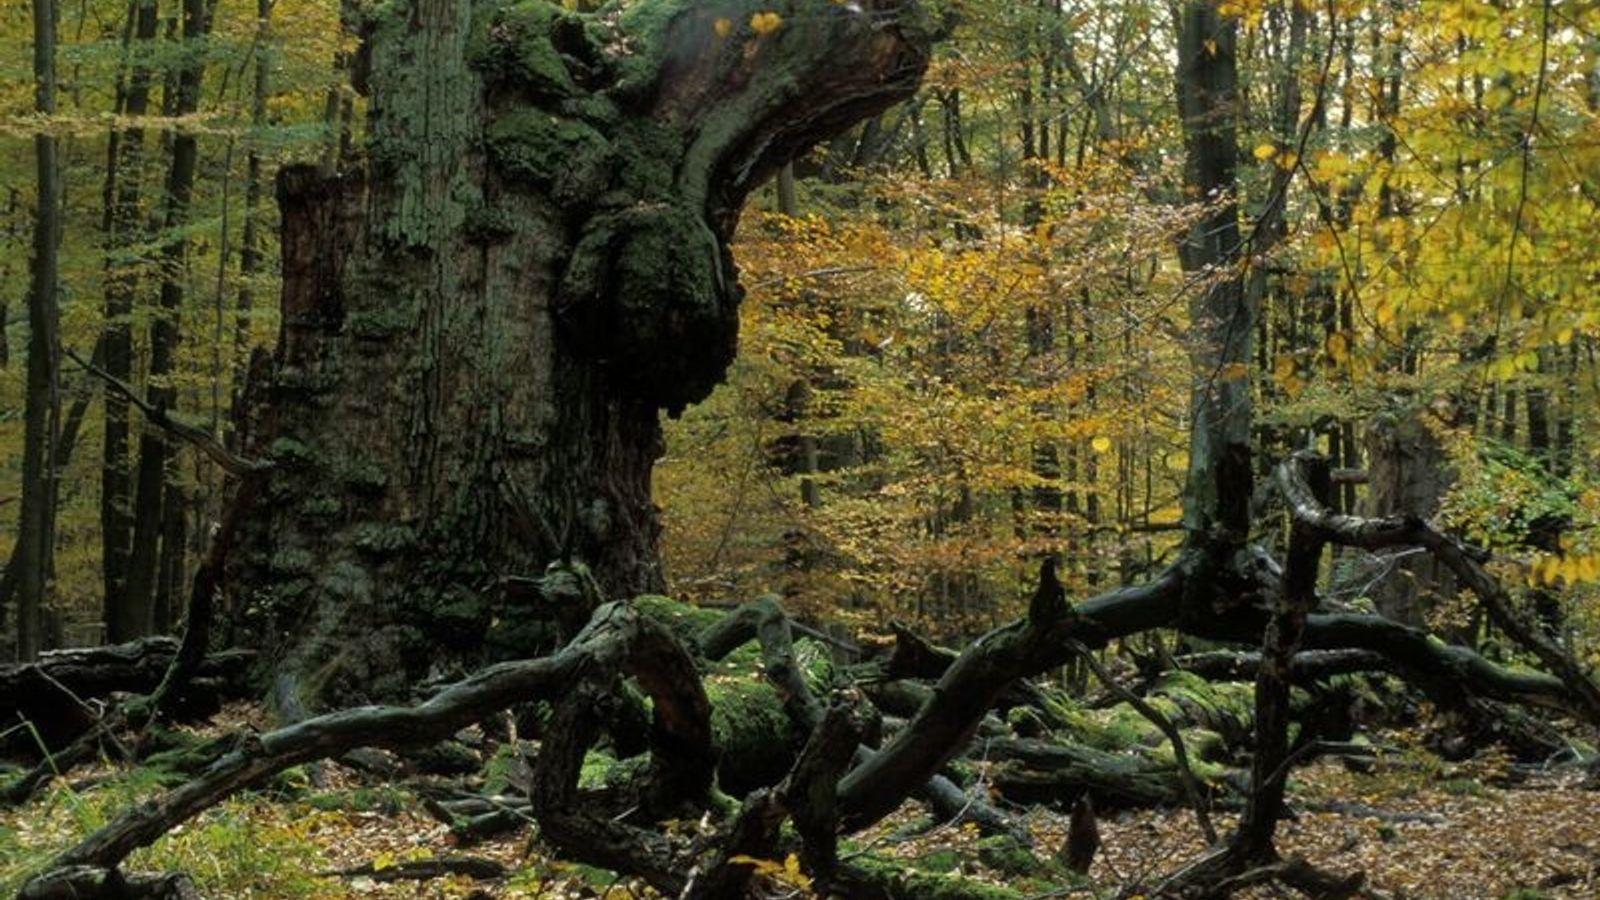 Bäume wie diese alte Eiche haben einen enormen Nutzen für intakte Ökosysteme.